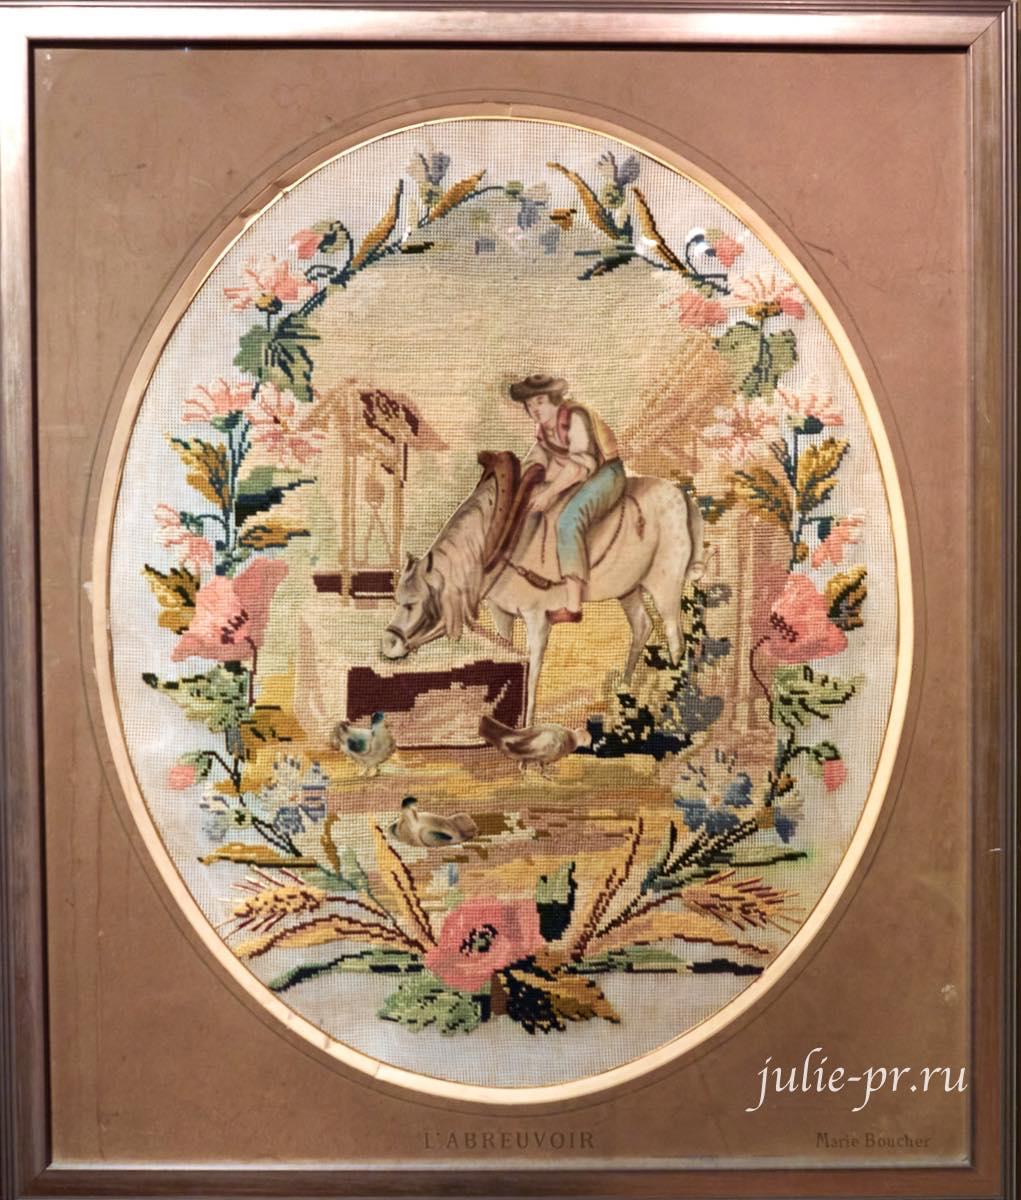 Лошадь на водопое, 1850-е гг, Франция, вышивка гарусом по канве, выставка Старинные вышивки